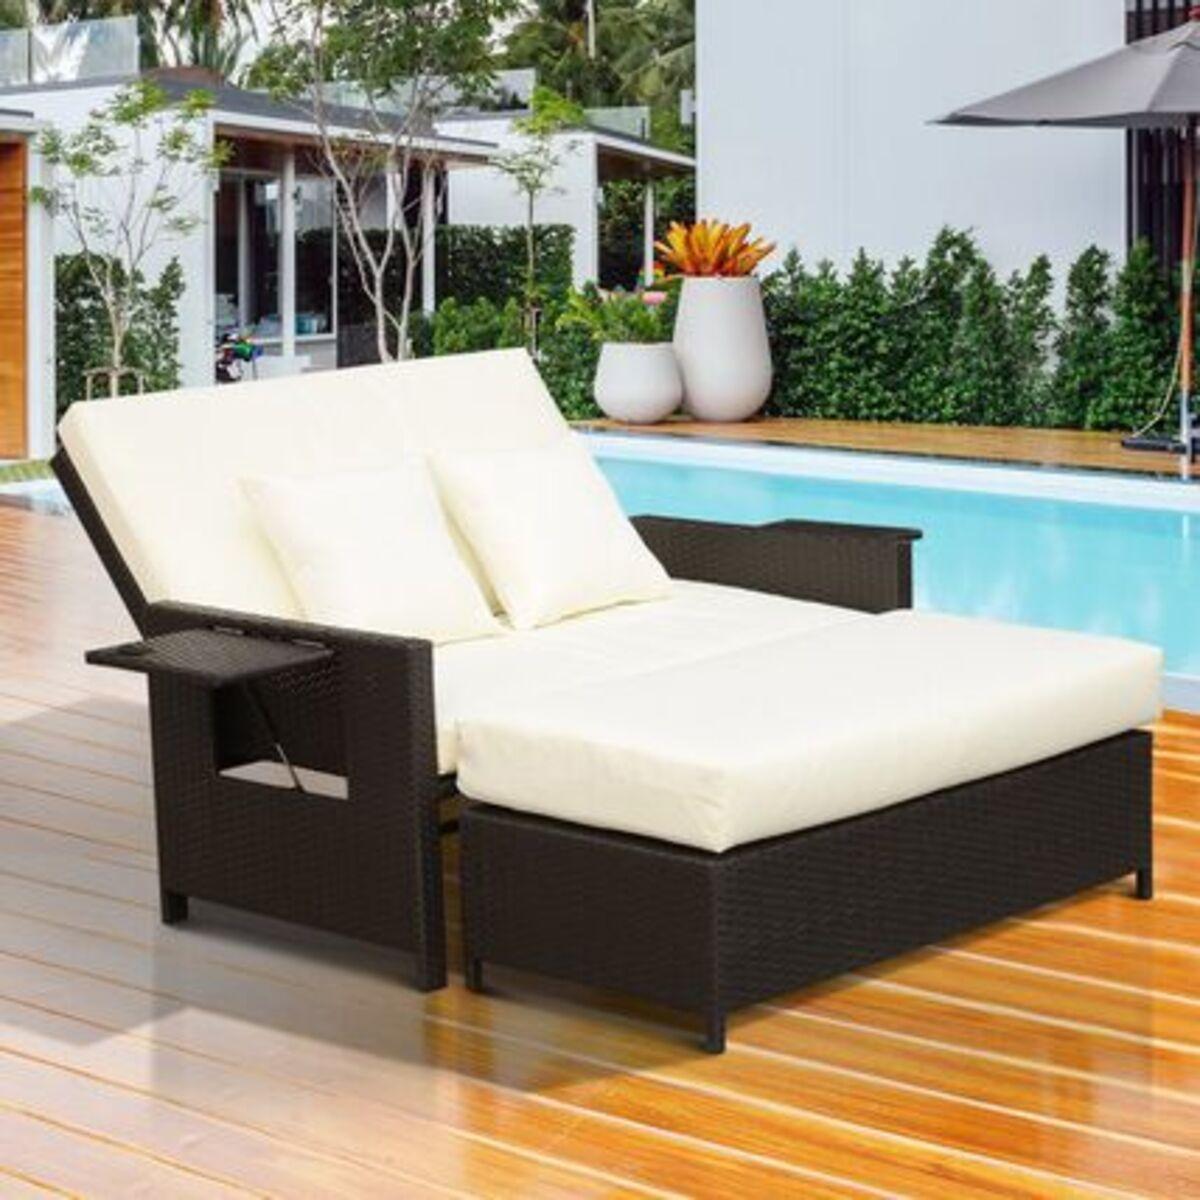 Bild 2 von Outsunny Polyrattan Lounge-Sofa mit Kissen